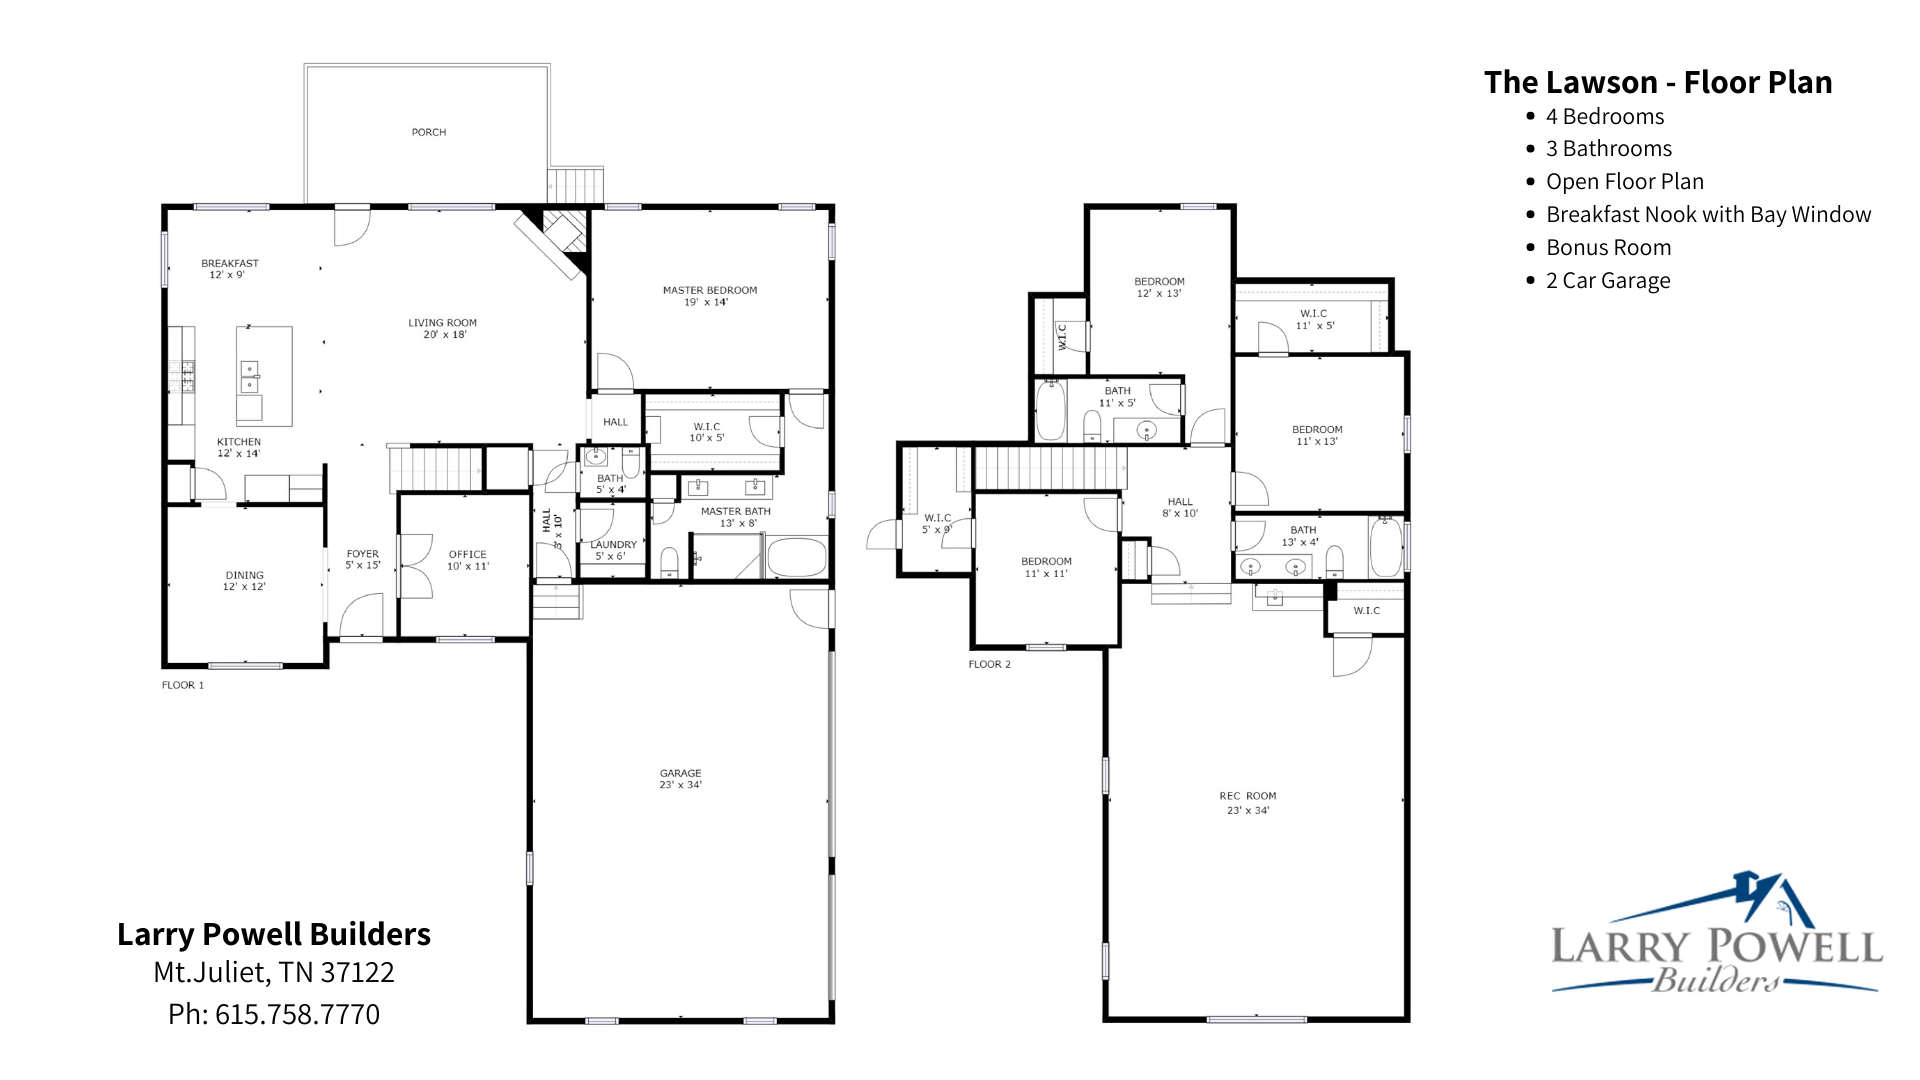 LPB Lawson Floorplan